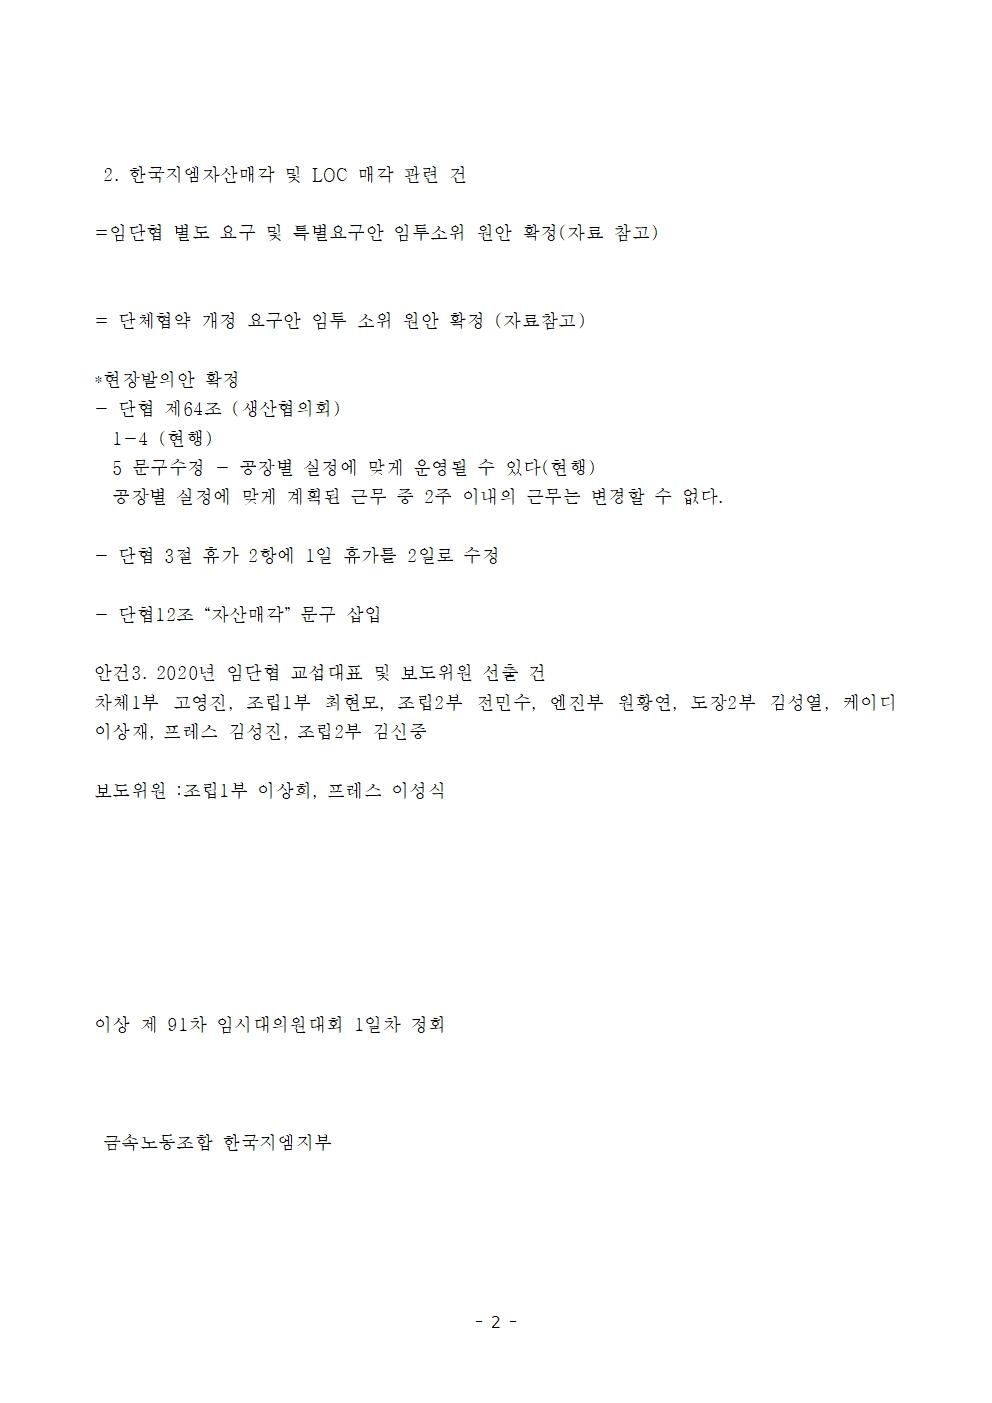 제 91차 임시대의원대회결과 1일차002.jpg